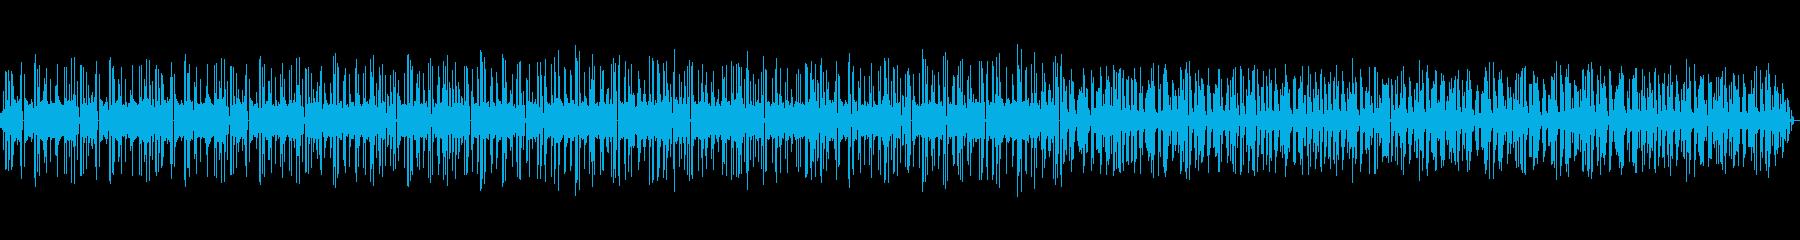 ビープ音-ビープ音シーケンスの攪拌の再生済みの波形